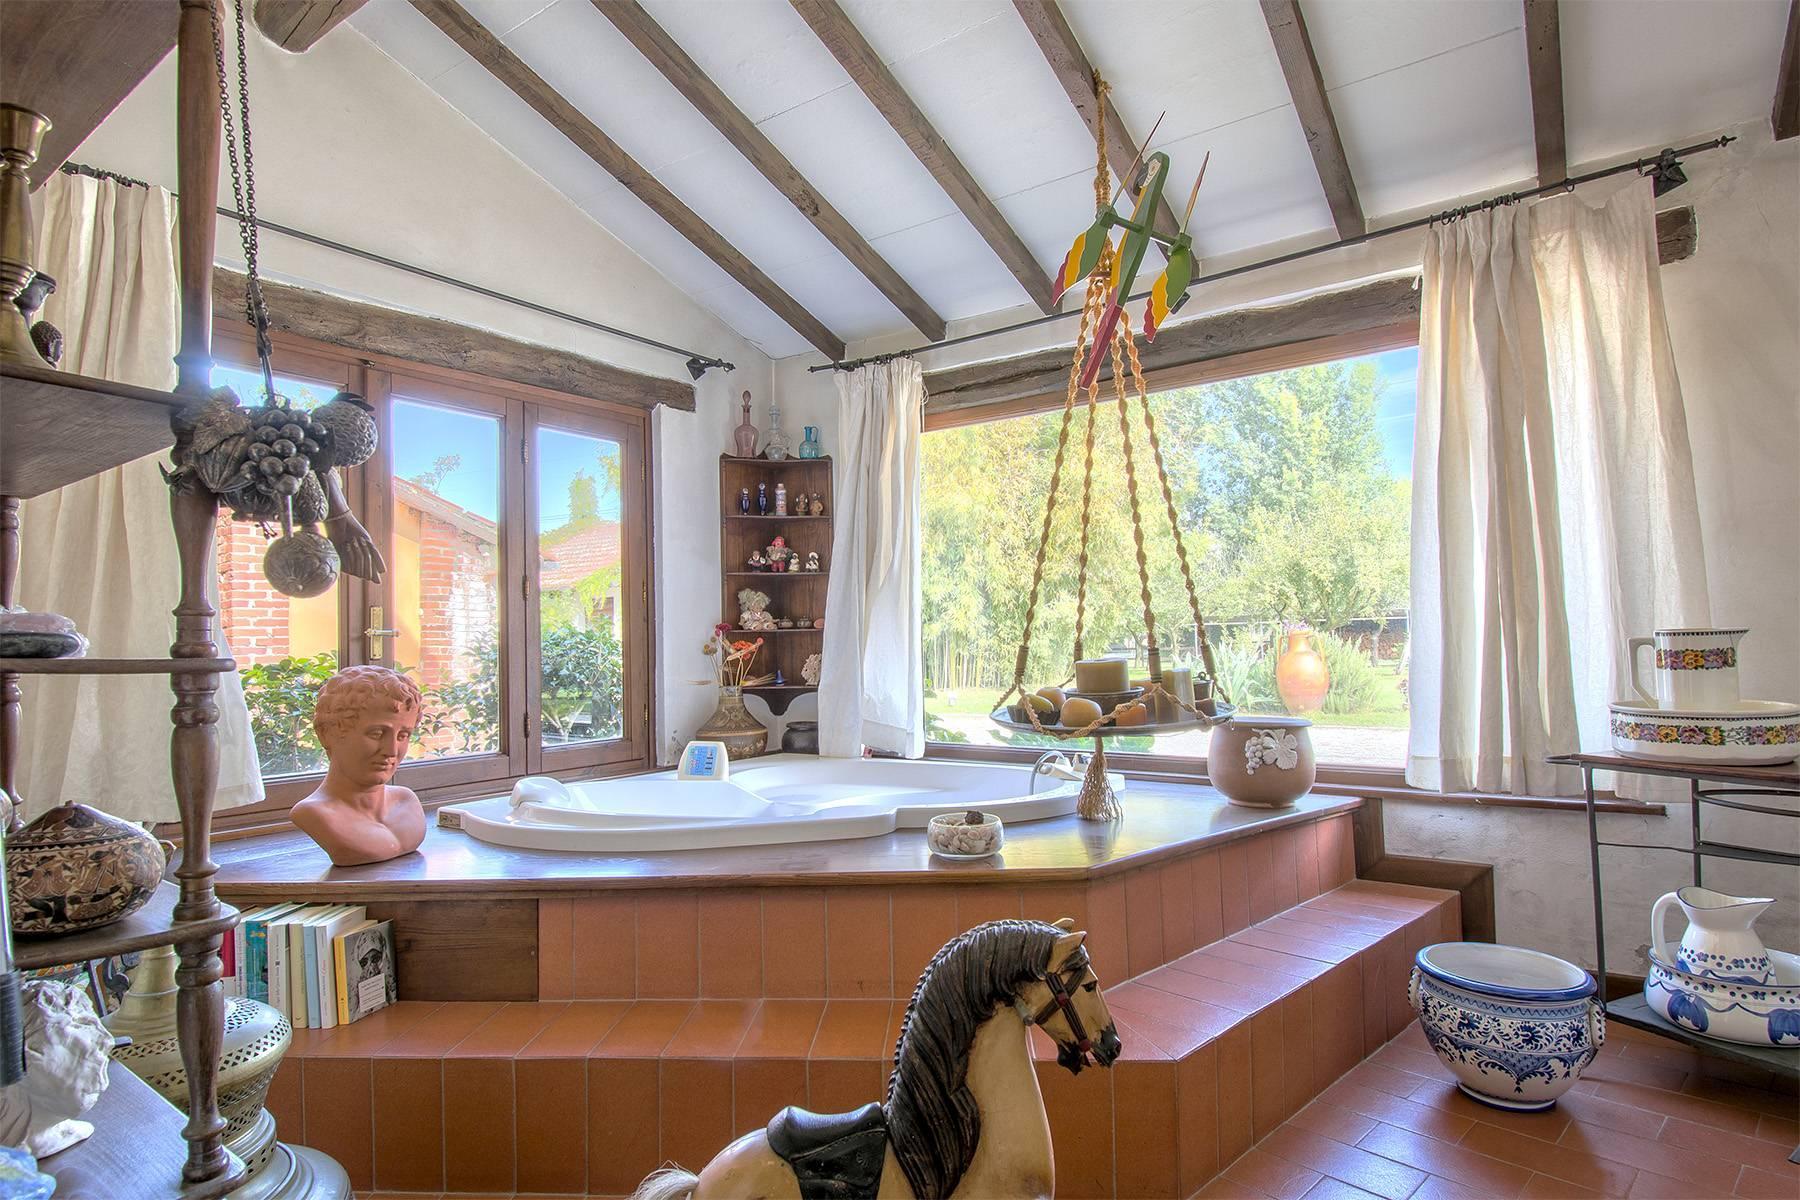 Bauernhaus mit Reitschule auf dem toskanischen Landschaft - 15